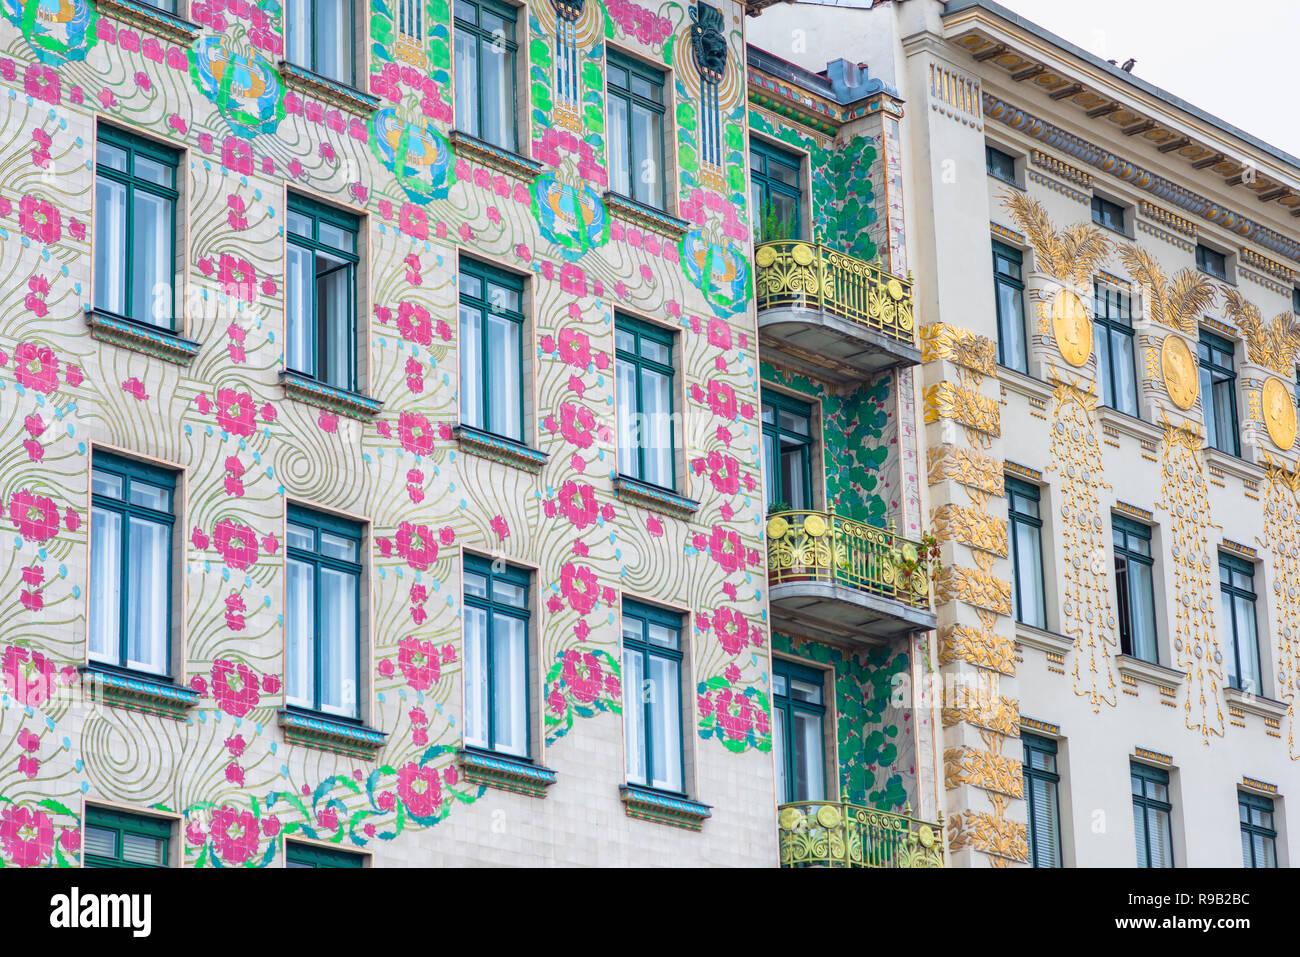 Art nouveau di Vienna, vista del Majolika-Haus (sinistra) e Otto Wagner Haus - entrambi i primi esempi di stile Liberty art-nouveau in architettura. Immagini Stock